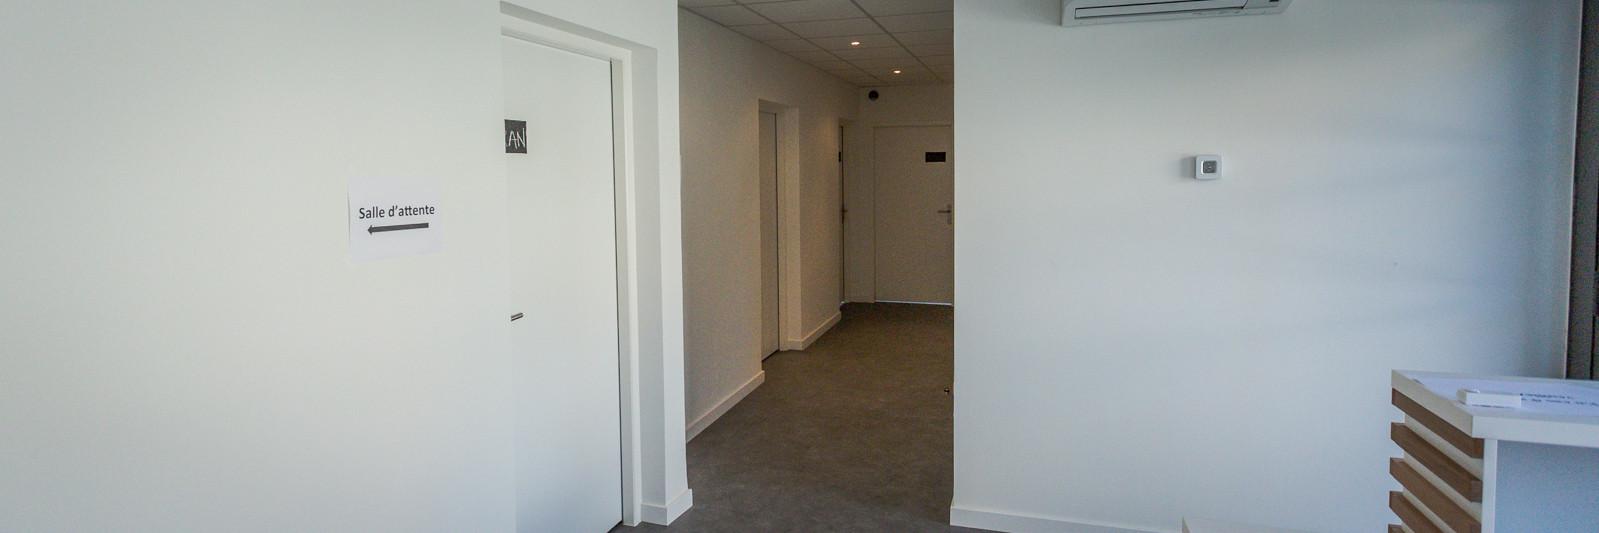 Groupe médical Ovalie à Montpellier - Hall d'accueil des patients